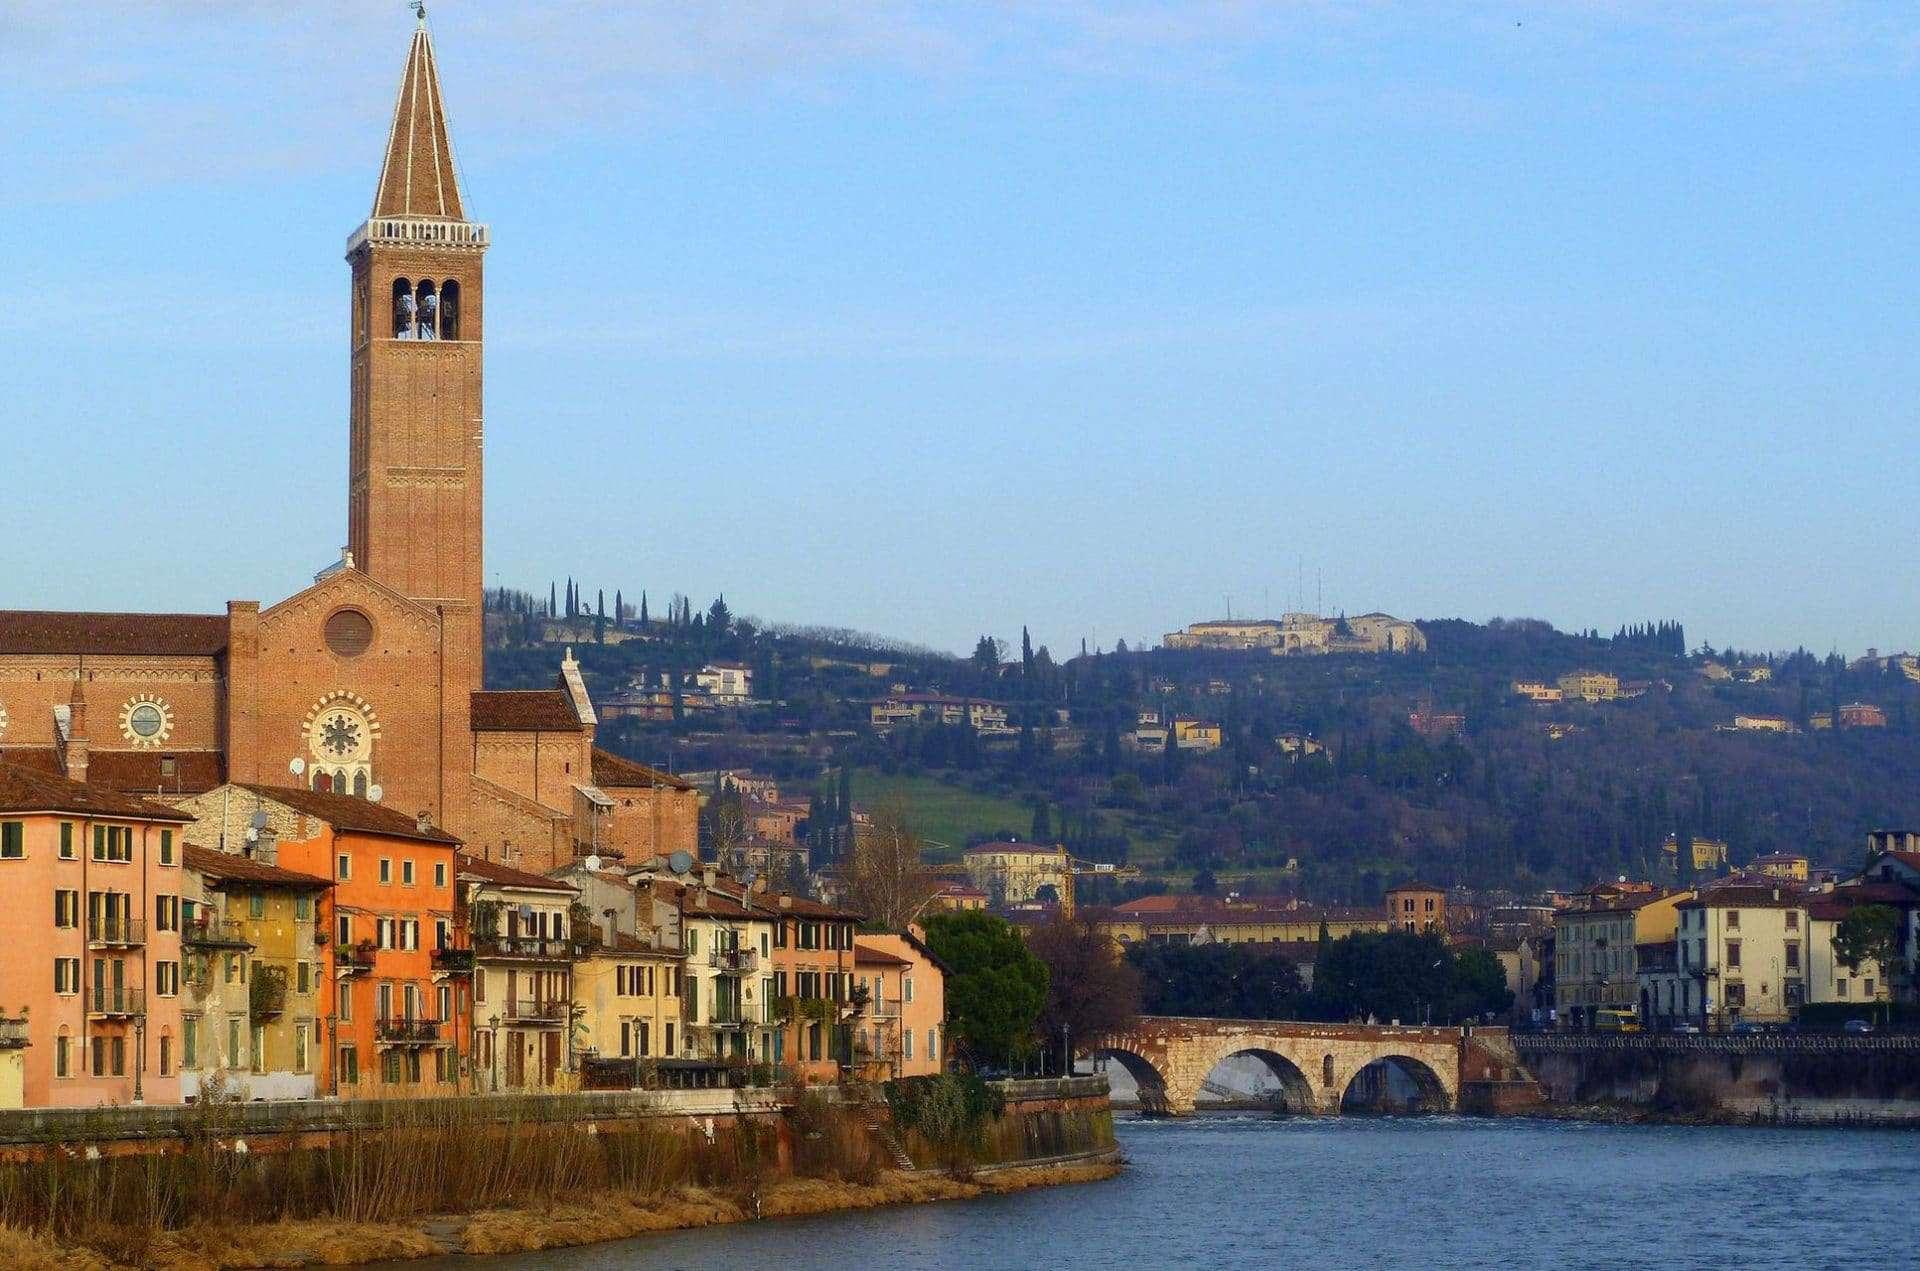 5 cose da vedere a Verona in un giorno: itinerario a piedi e luoghi da visitare